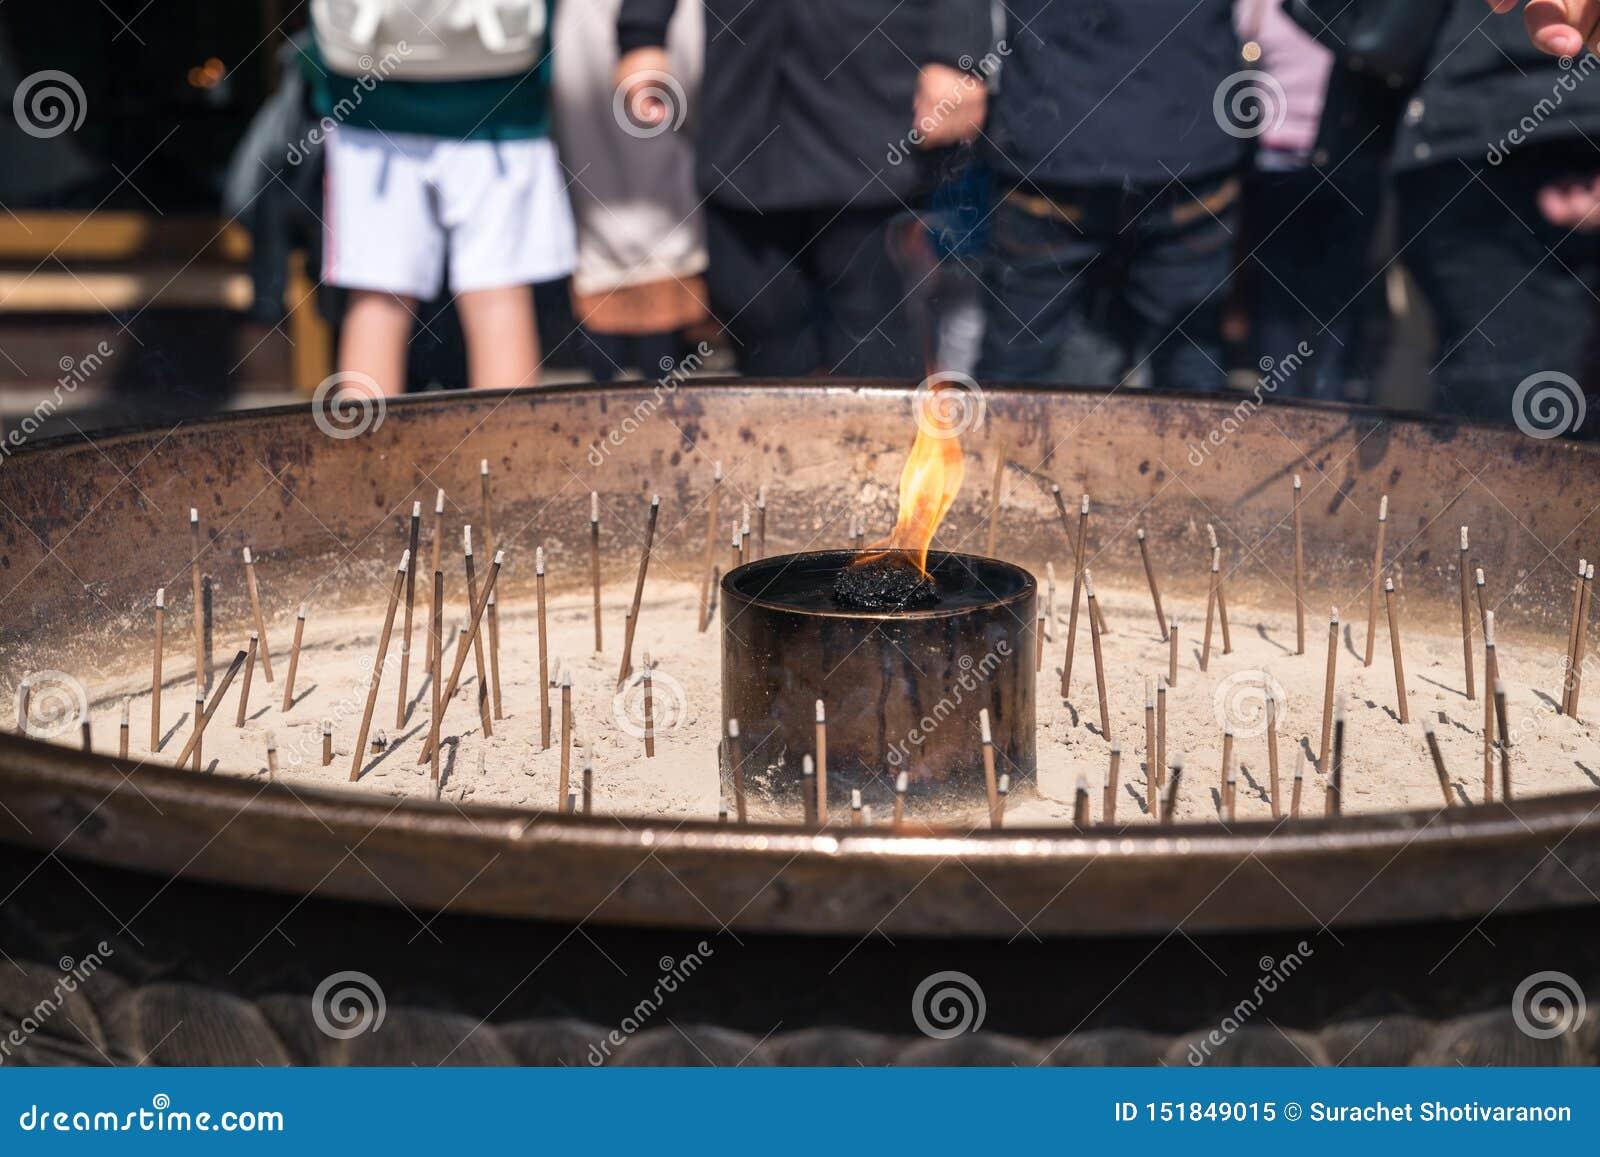 Cierre hasta incienso en la hornilla de incienso que palillos ligeros turísticos del incienso para rogar en el templo de Todai-ji